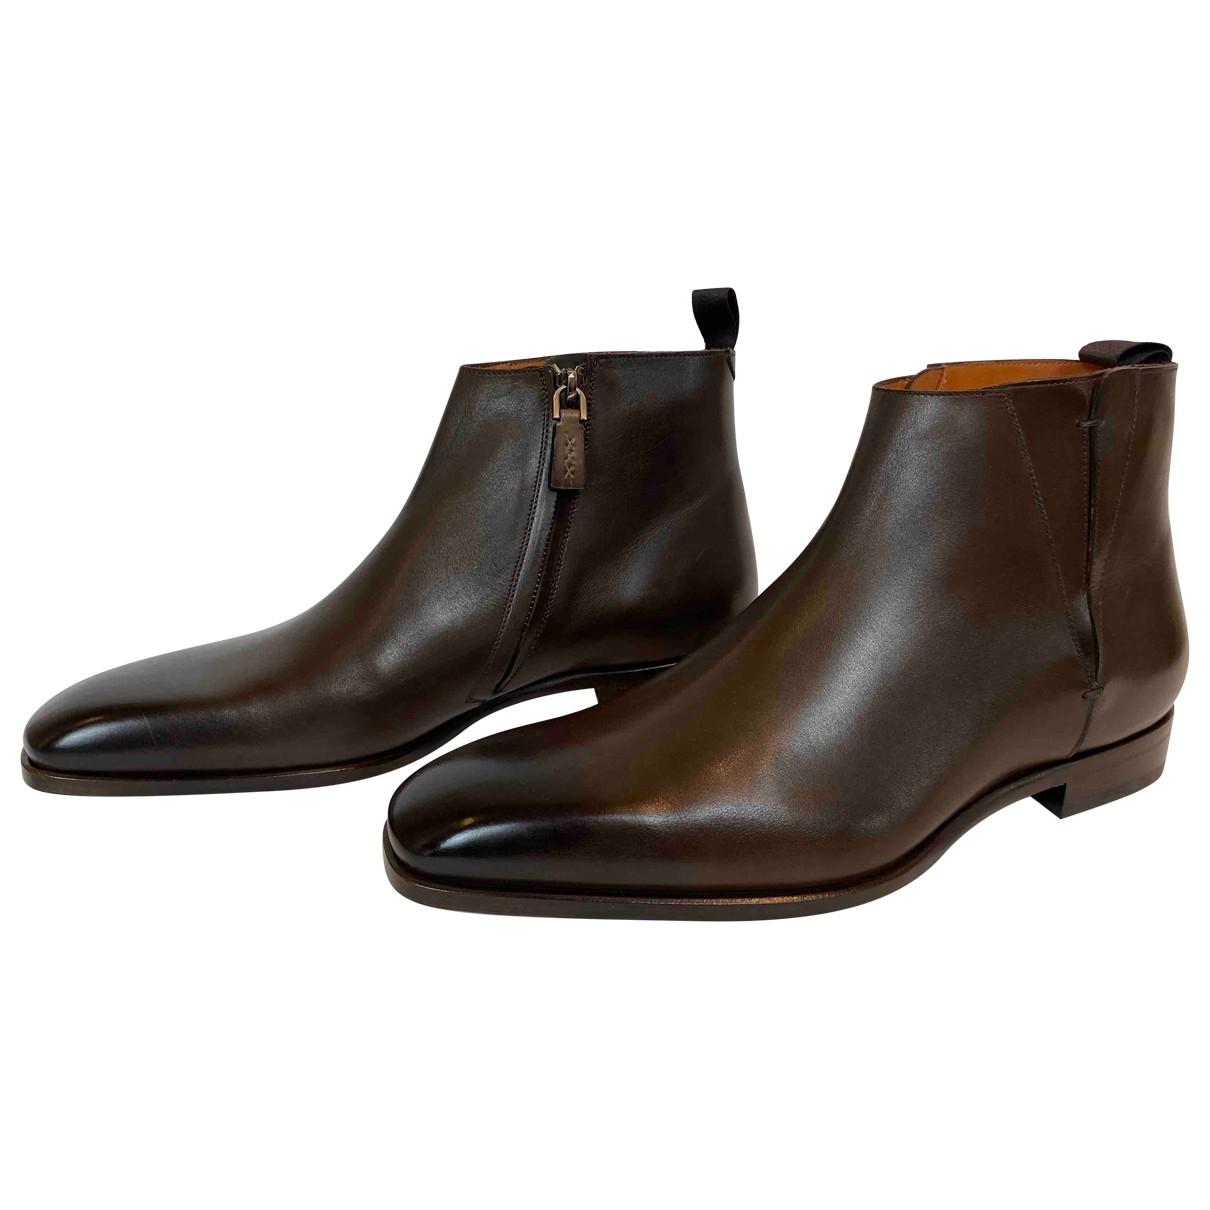 Ermenegildo Zegna N Brown Leather Boots for Men 9 UK